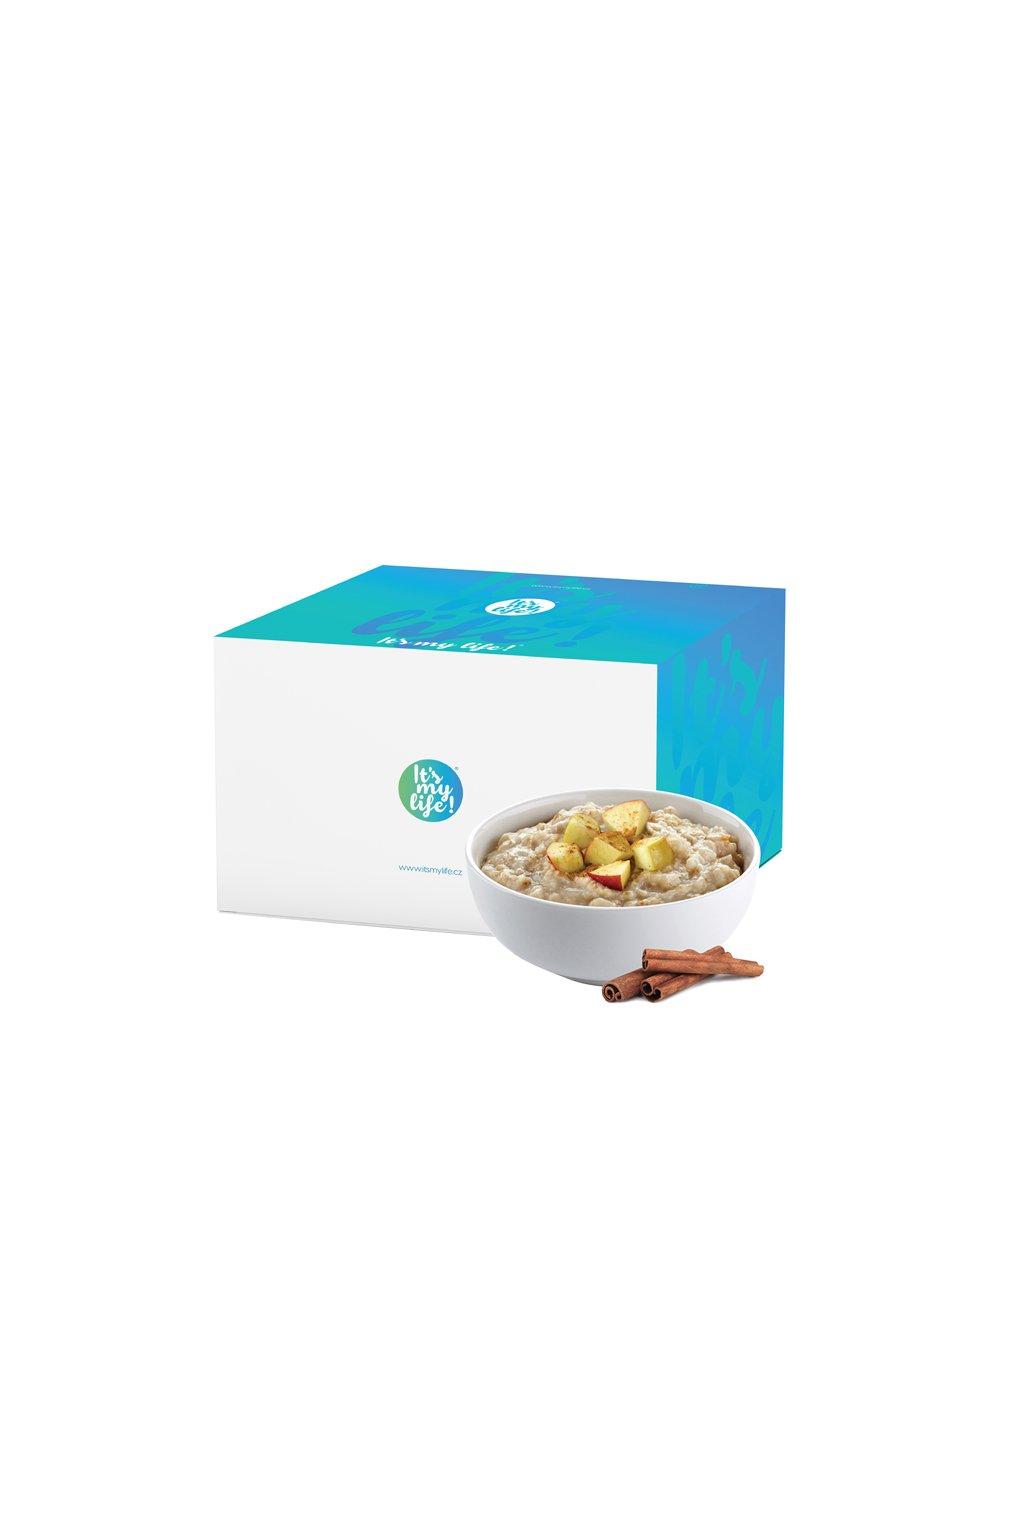 Proteínové kaše s príchuťou Jablko-škorica, 800g (20porcií)